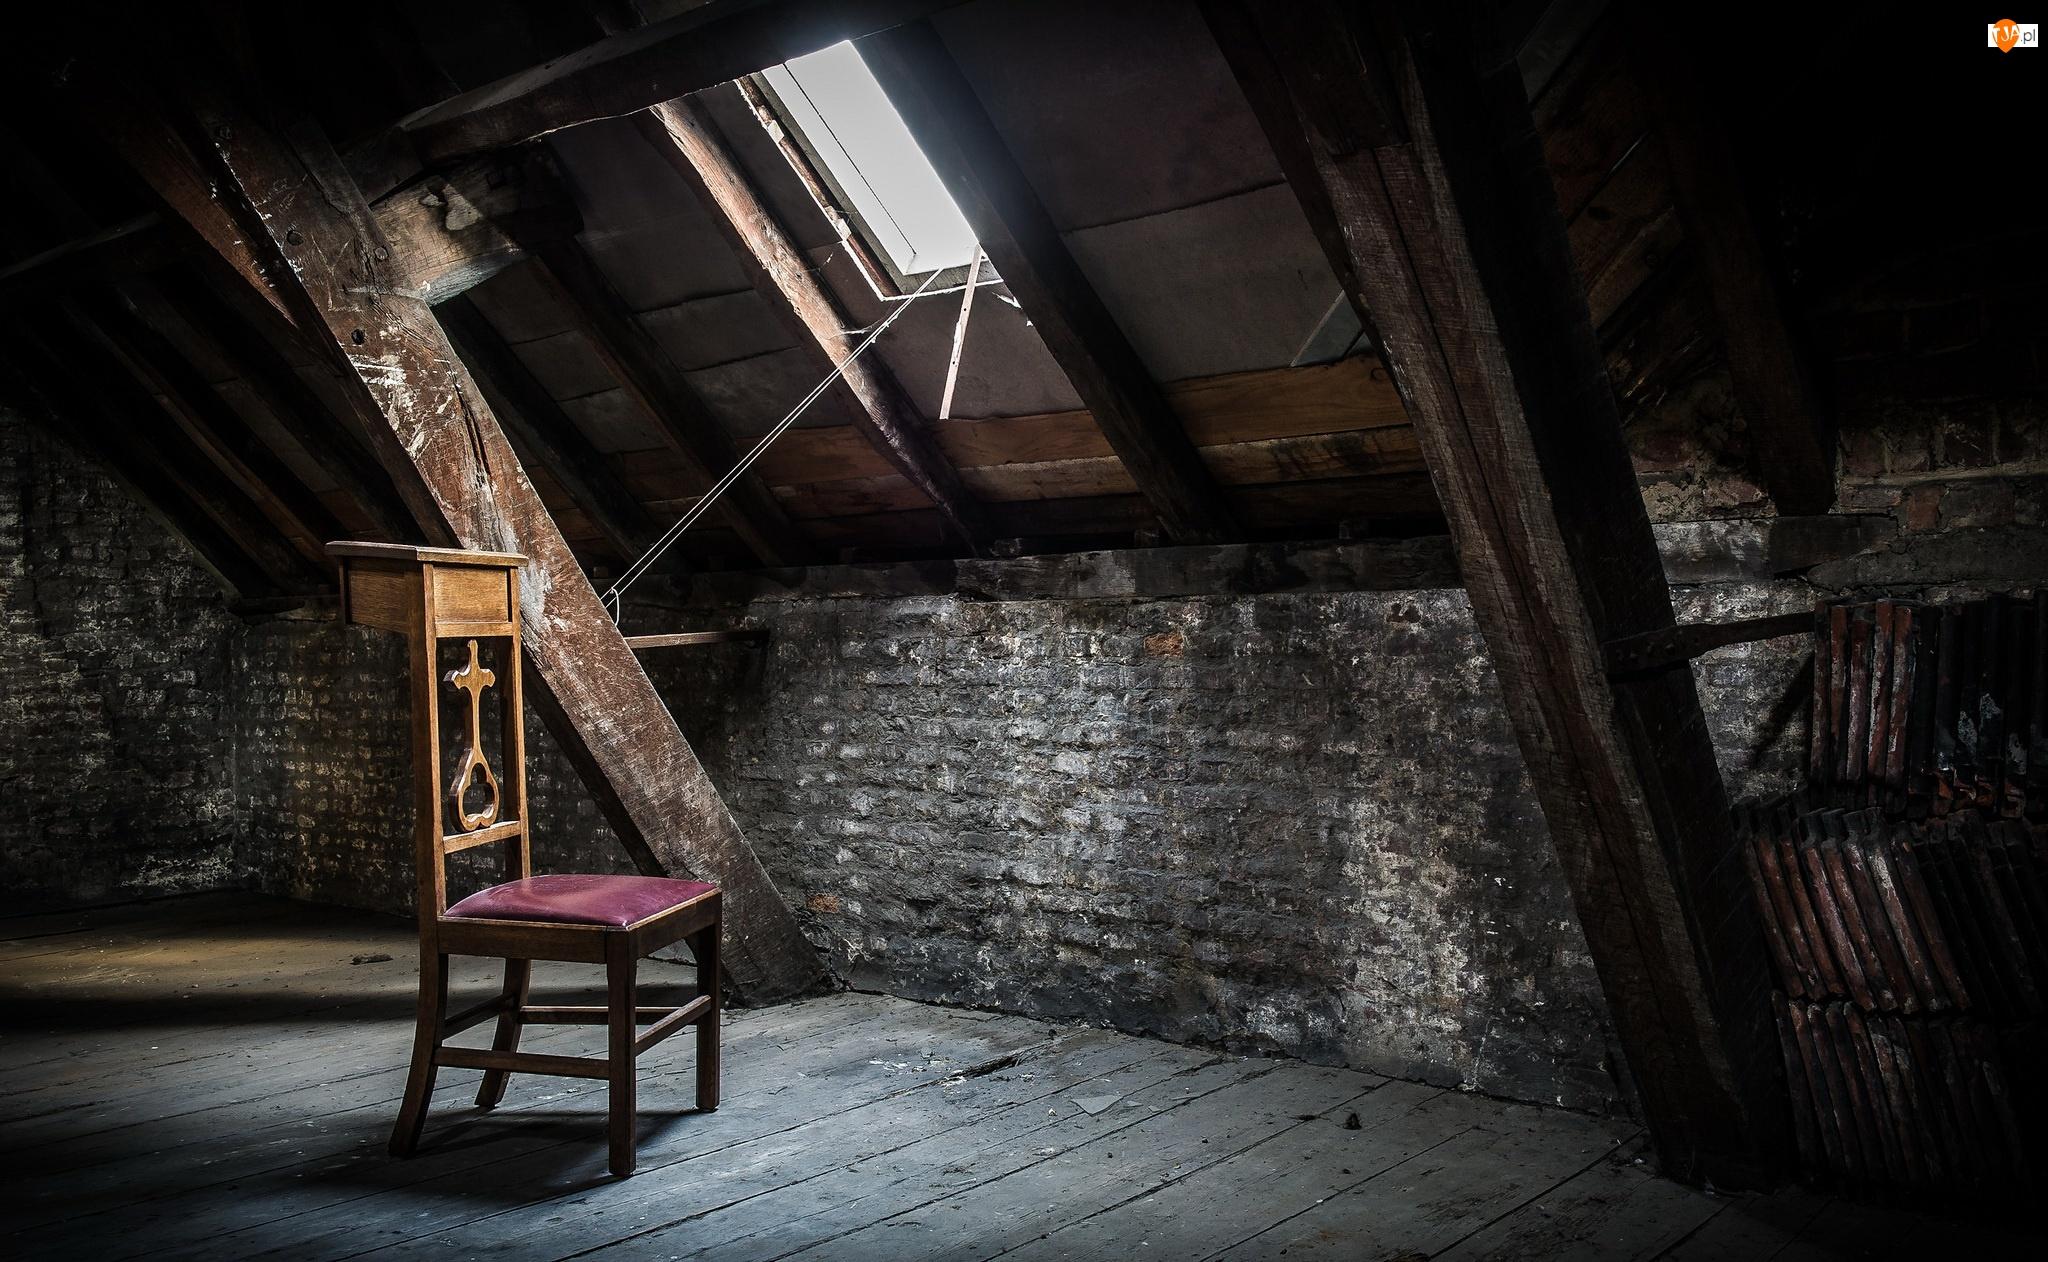 Krzesło, Poddasze, Okno